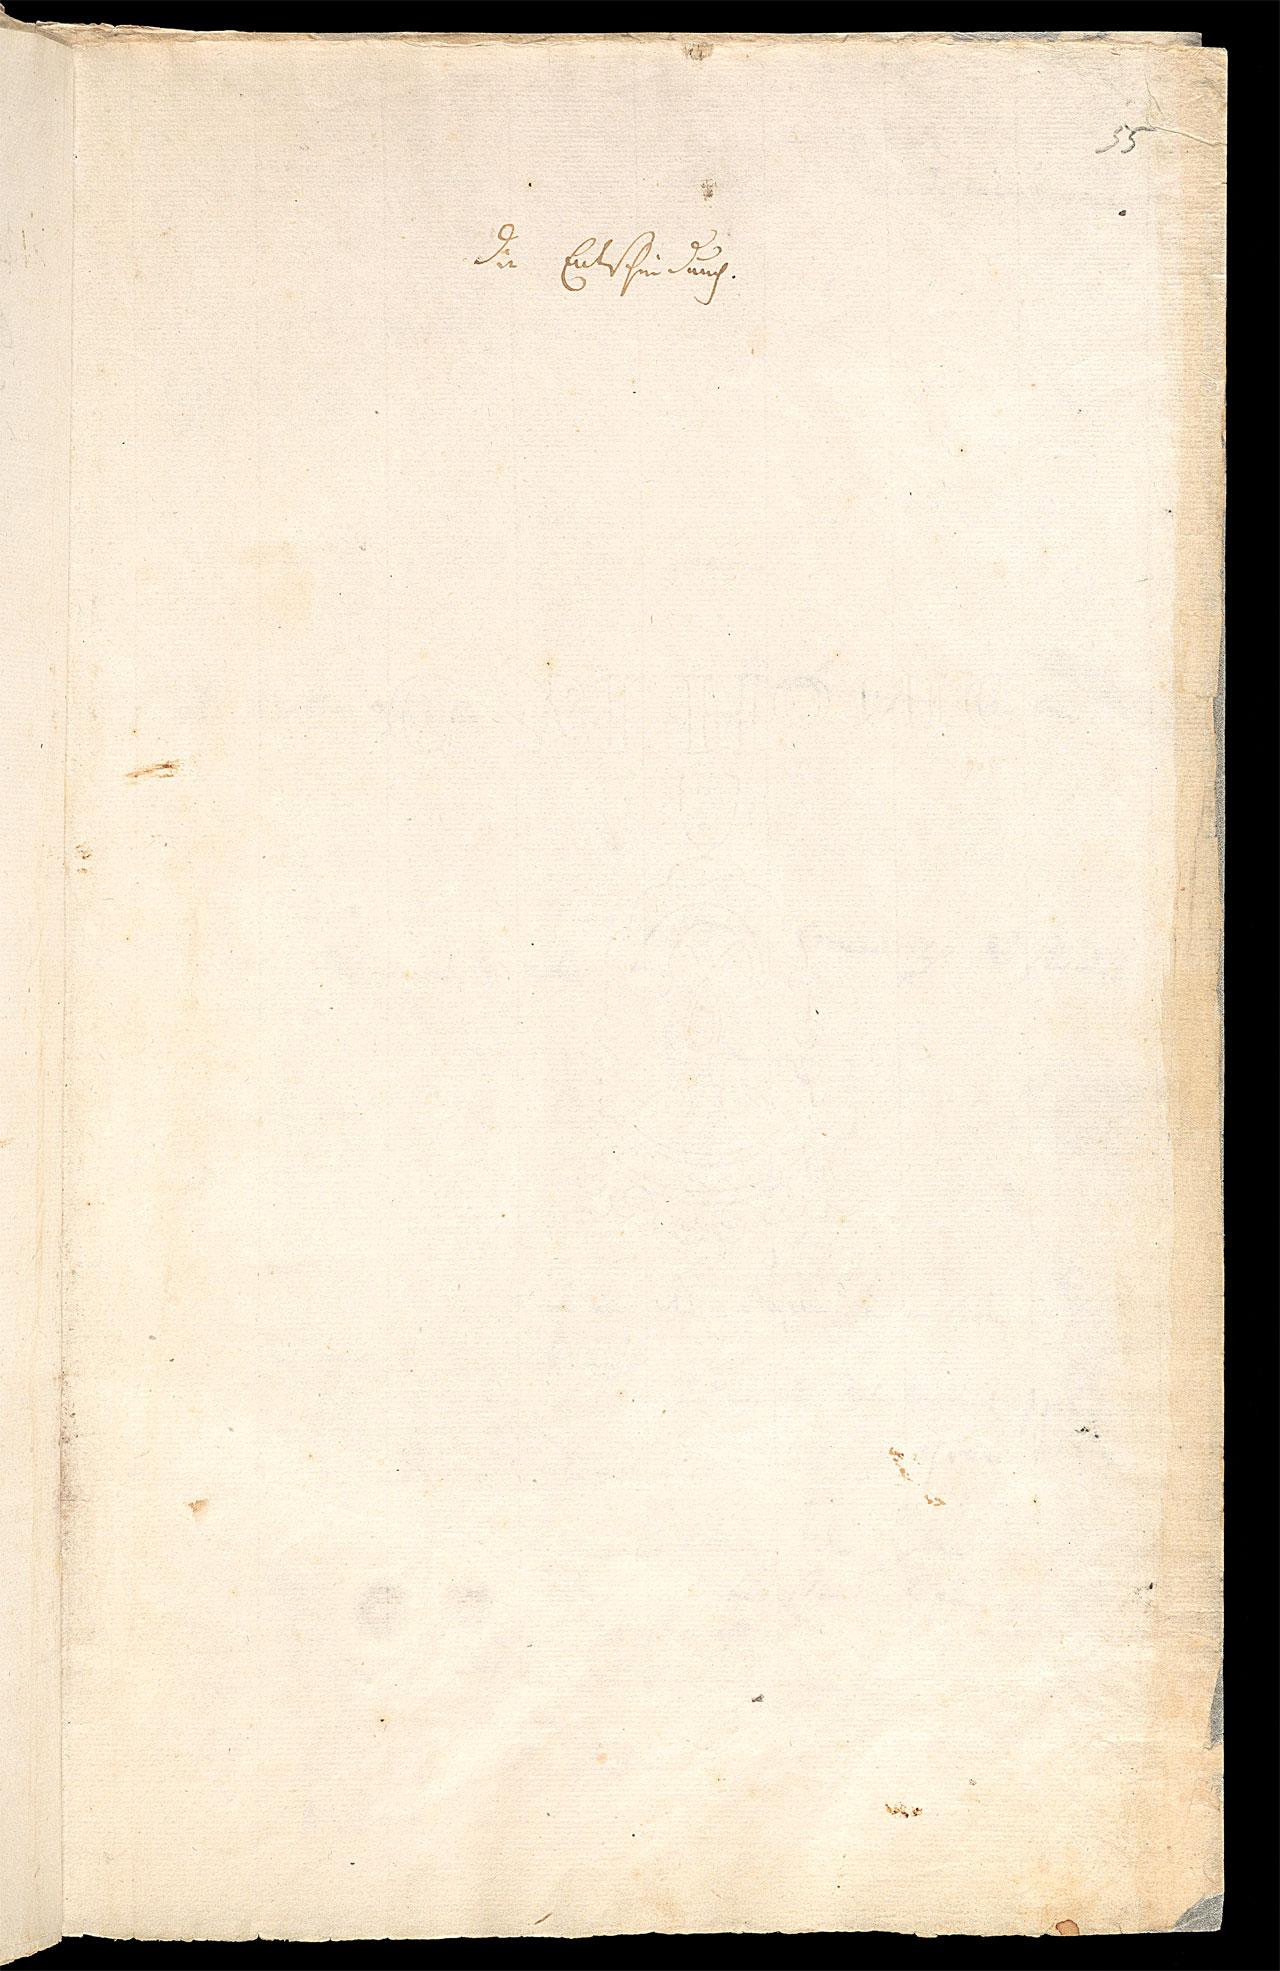 Friedrich Hölderlin, Homburger Folioheft, Seite 55, Die Entscheidung, Handschrift